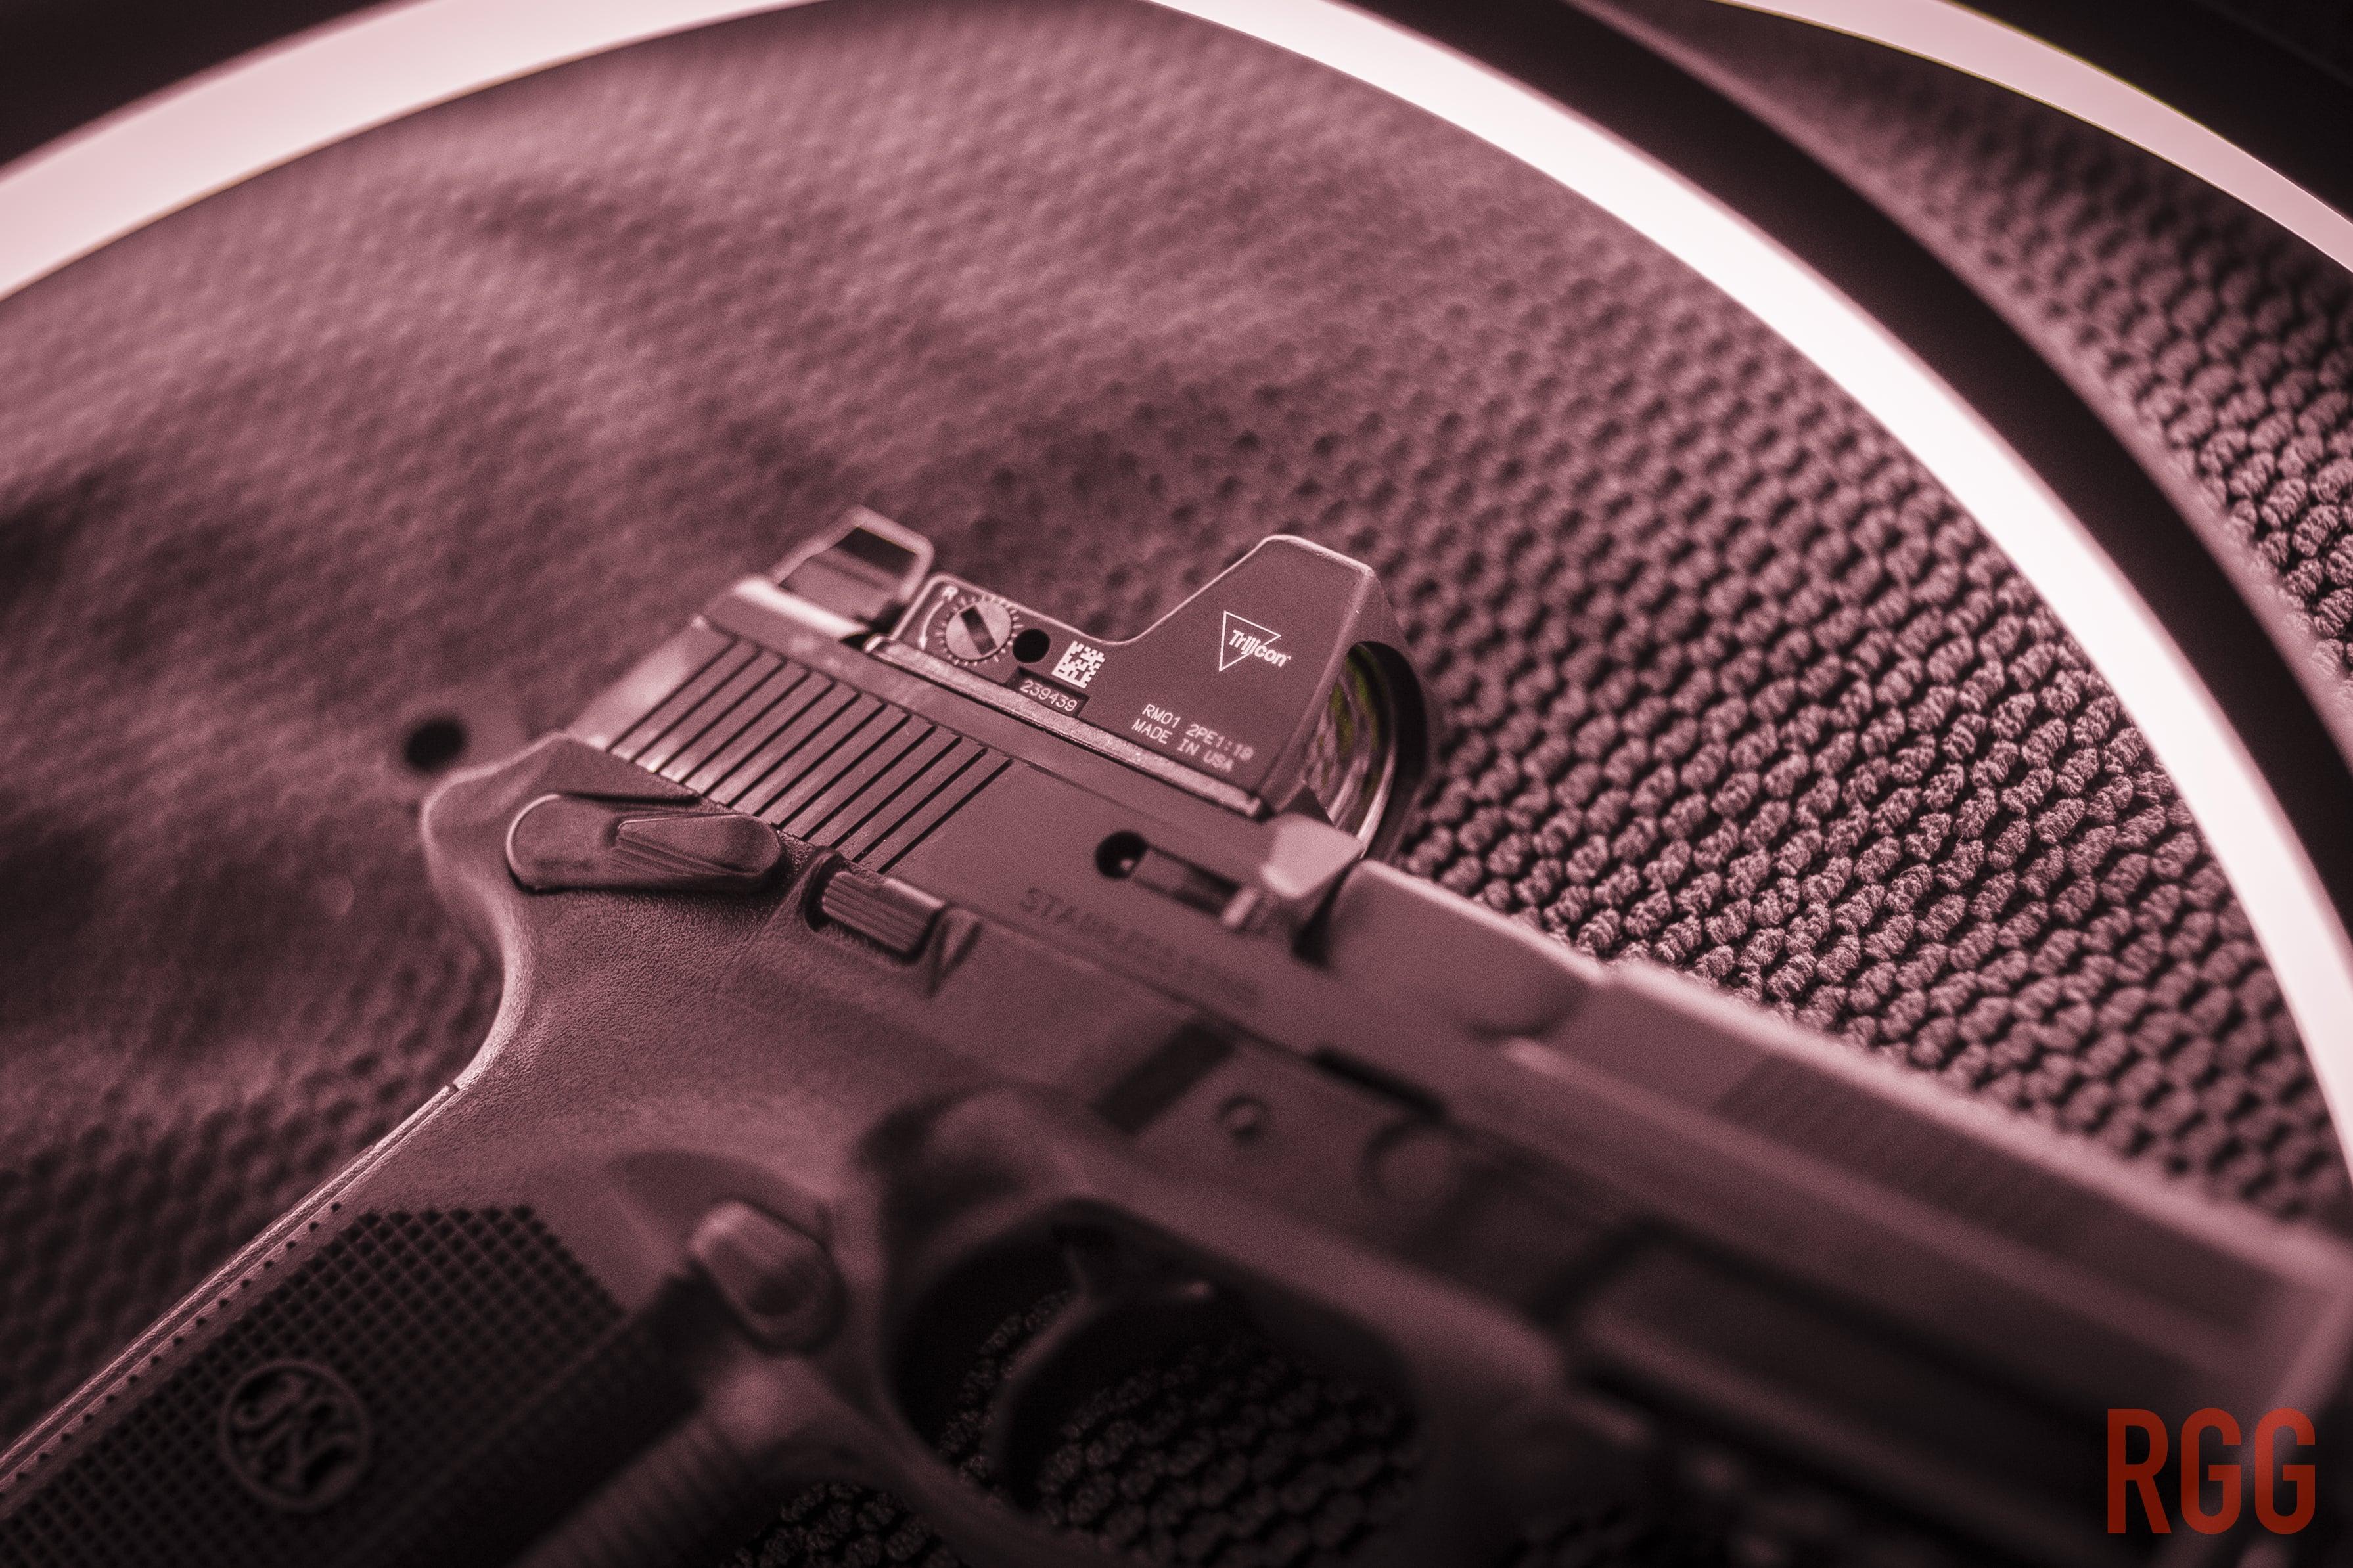 Trijicon RM01 atop an FN FNX-45 45 ACP pistol.